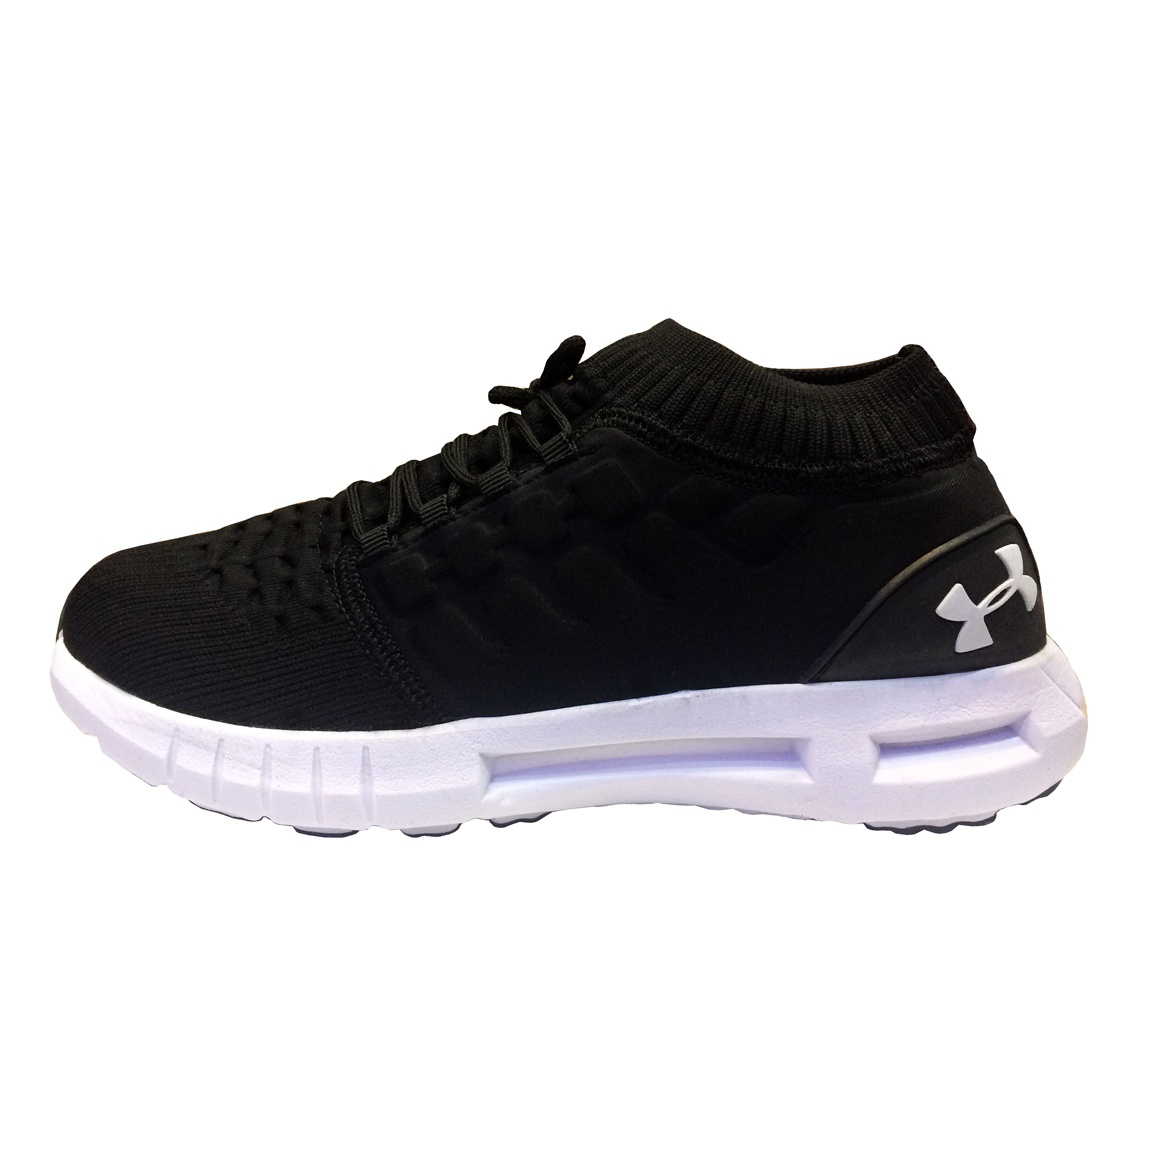 کفش کتانی مخصوص دویدن مردانه مدل کتونی هوور کد 620